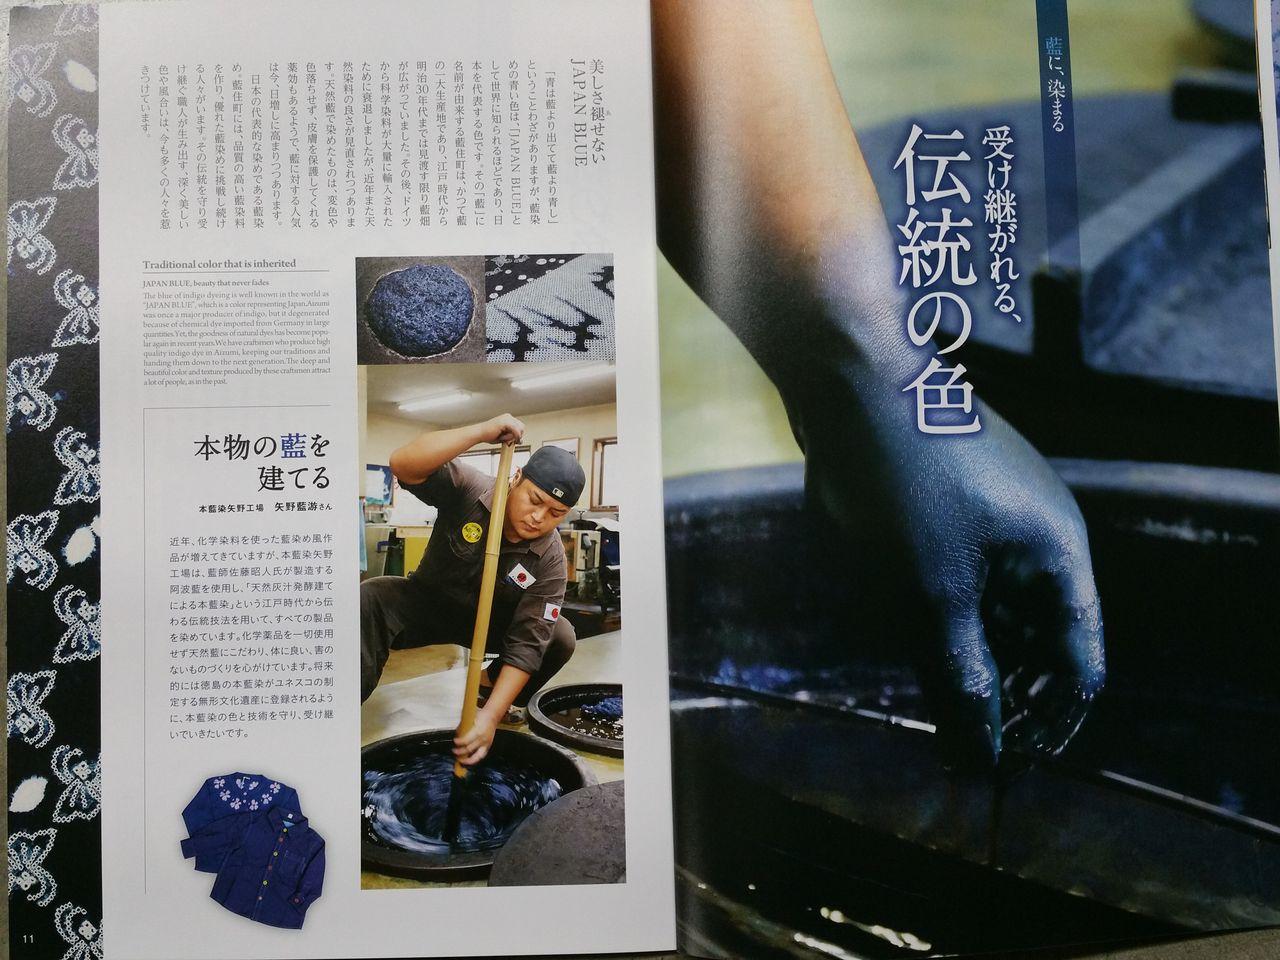 本藍染矢野工場 blog : 藍住町 ...